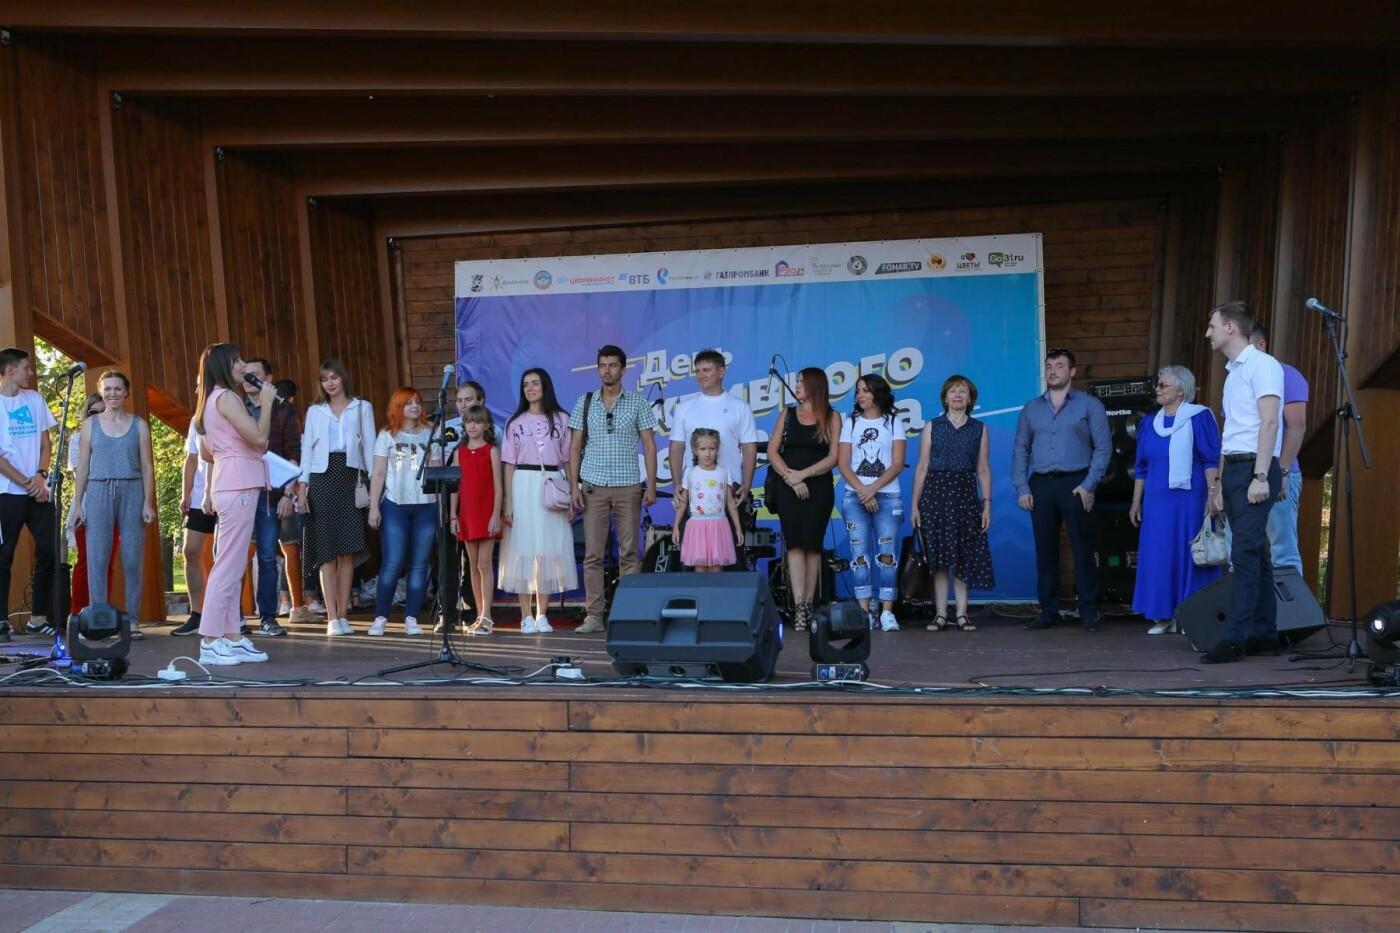 На день рождения «Активного горожанина» пришли сотни гостей, фото-23, Фото Антона Вергуна